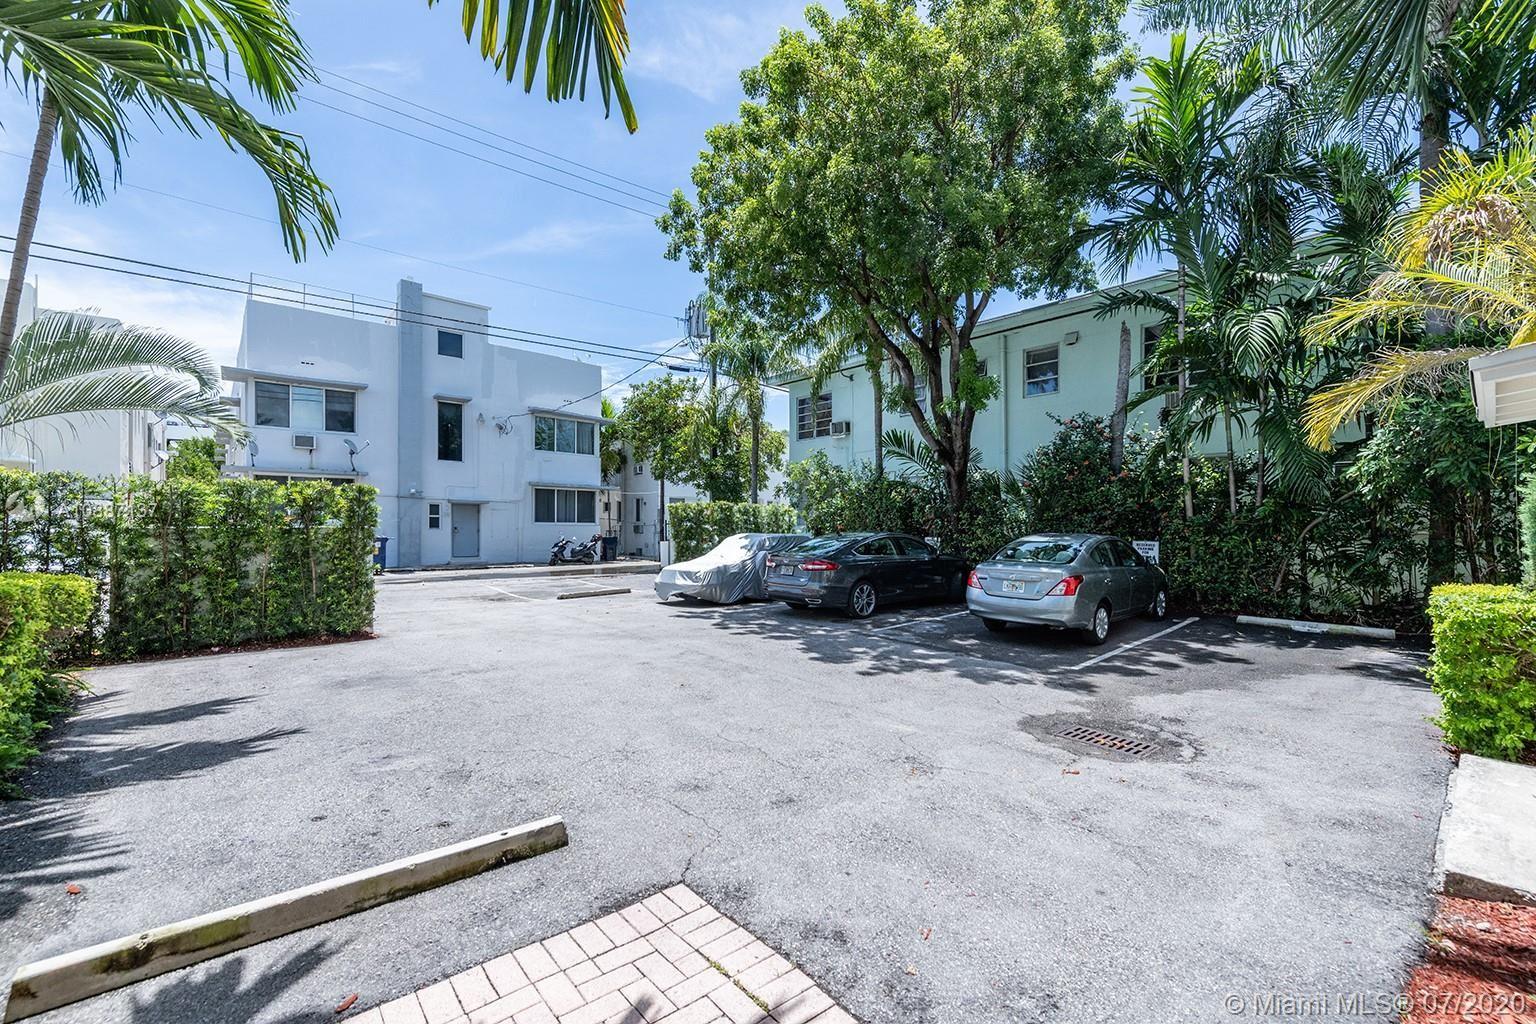 1117 Euclid Ave #101, Miami Beach, FL 33139 - #: A10887137